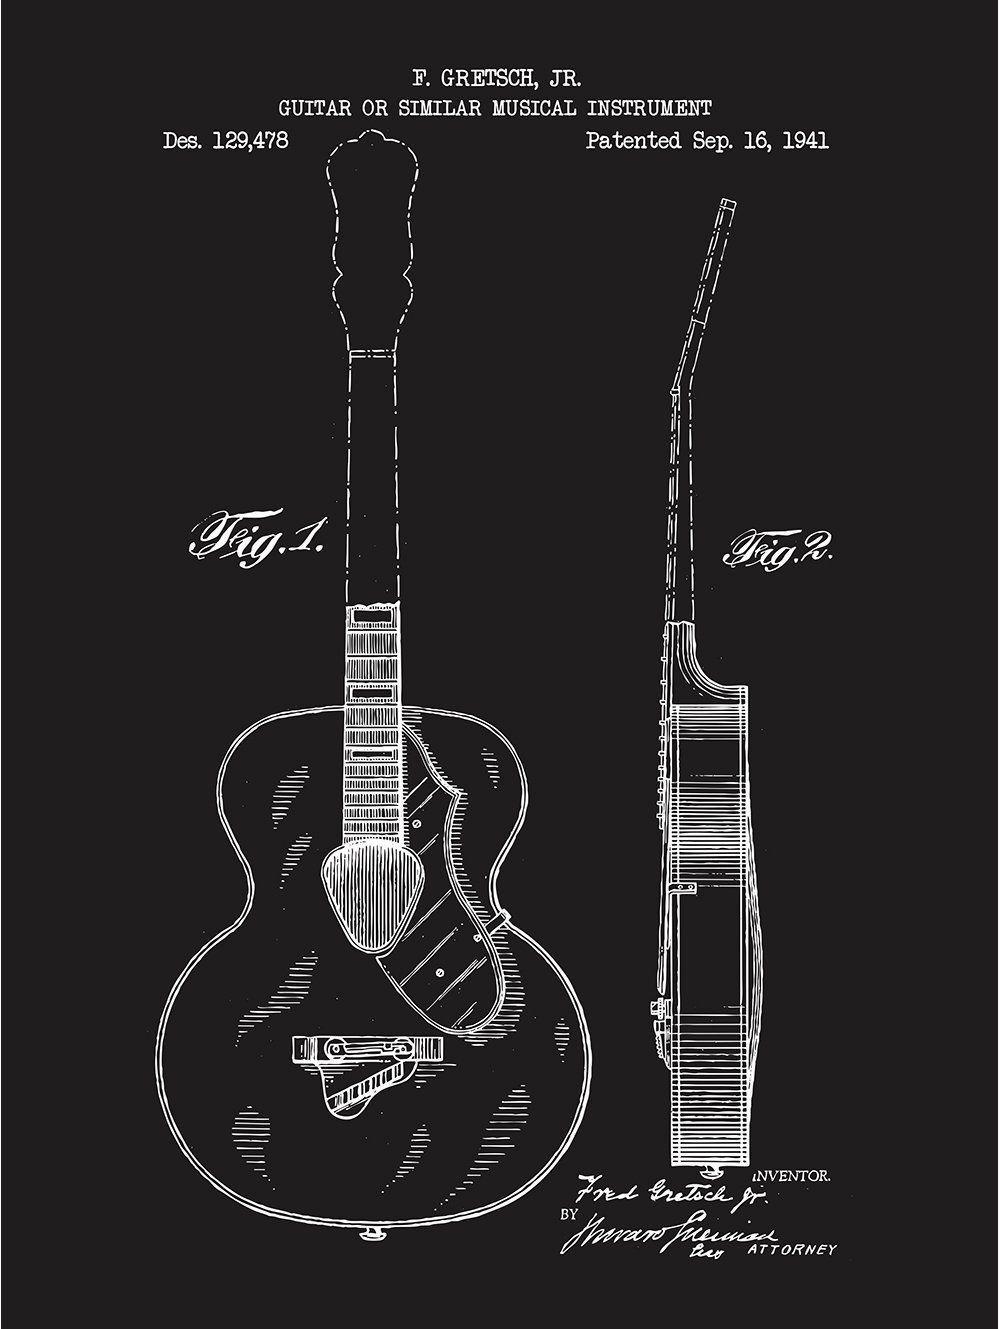 Gretsch Guitar - F. Gretsh Jr - 1941 | Gretsch Guitars | Pinterest ...